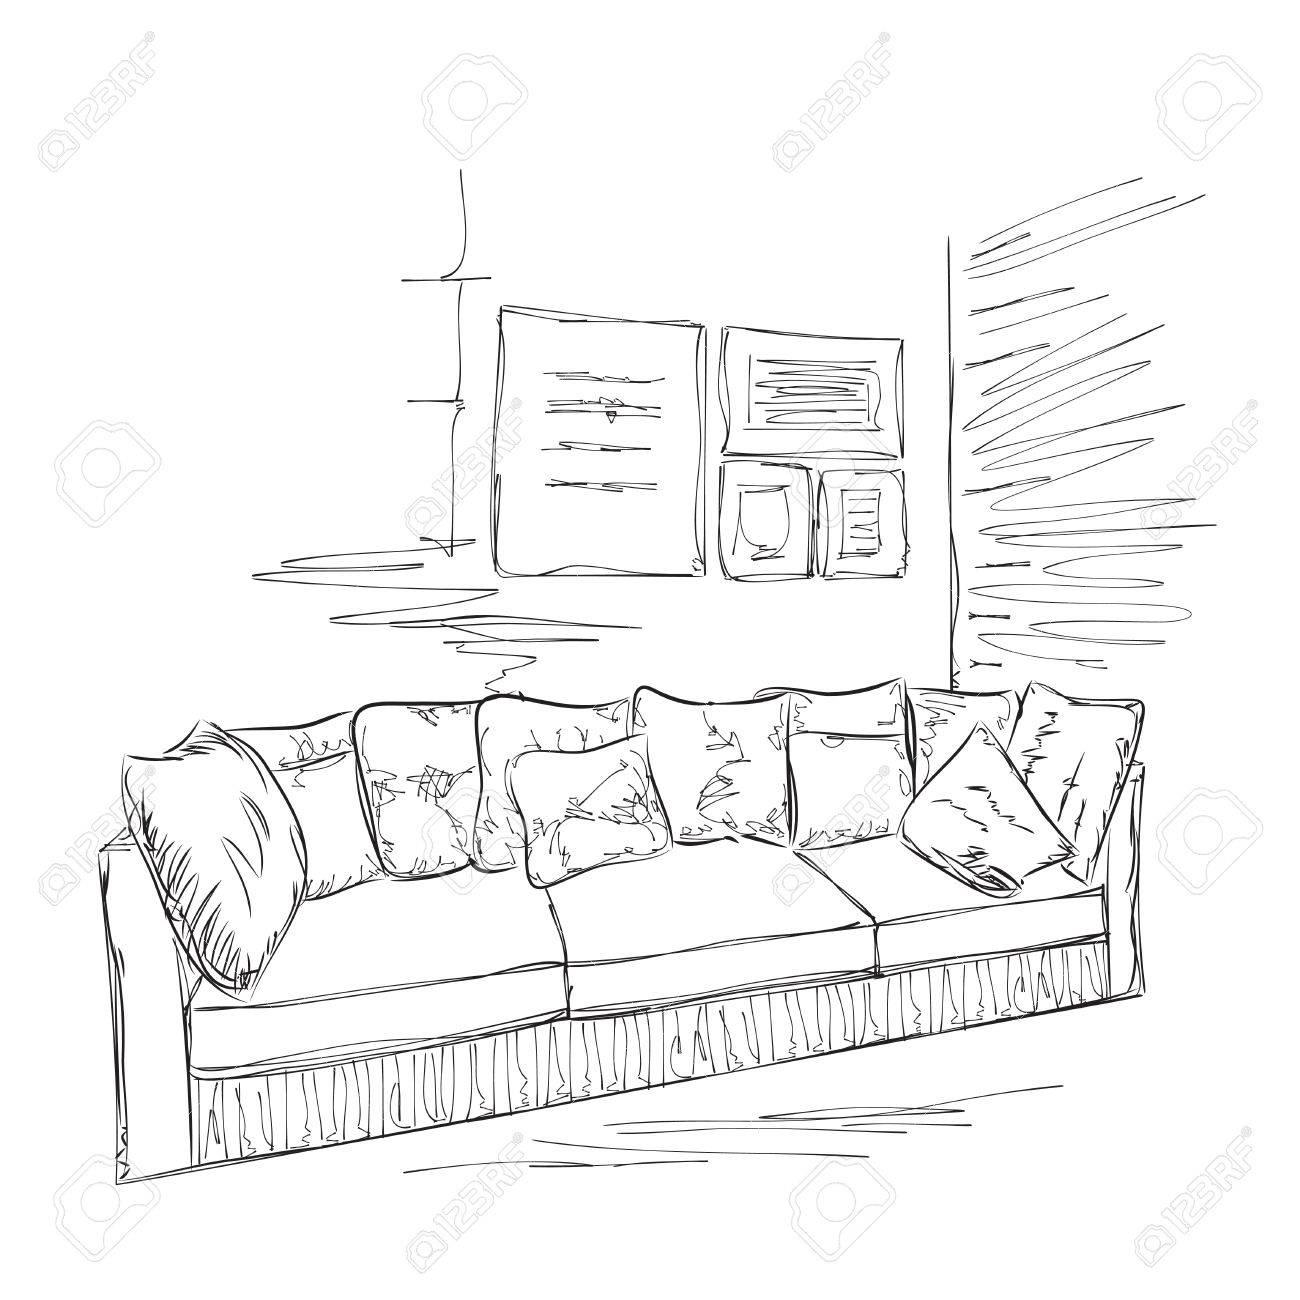 Sofa gezeichnet  Zimmer Inter Skizze. Hand Gezeichnet Sofa Und Bilder Lizenzfrei ...